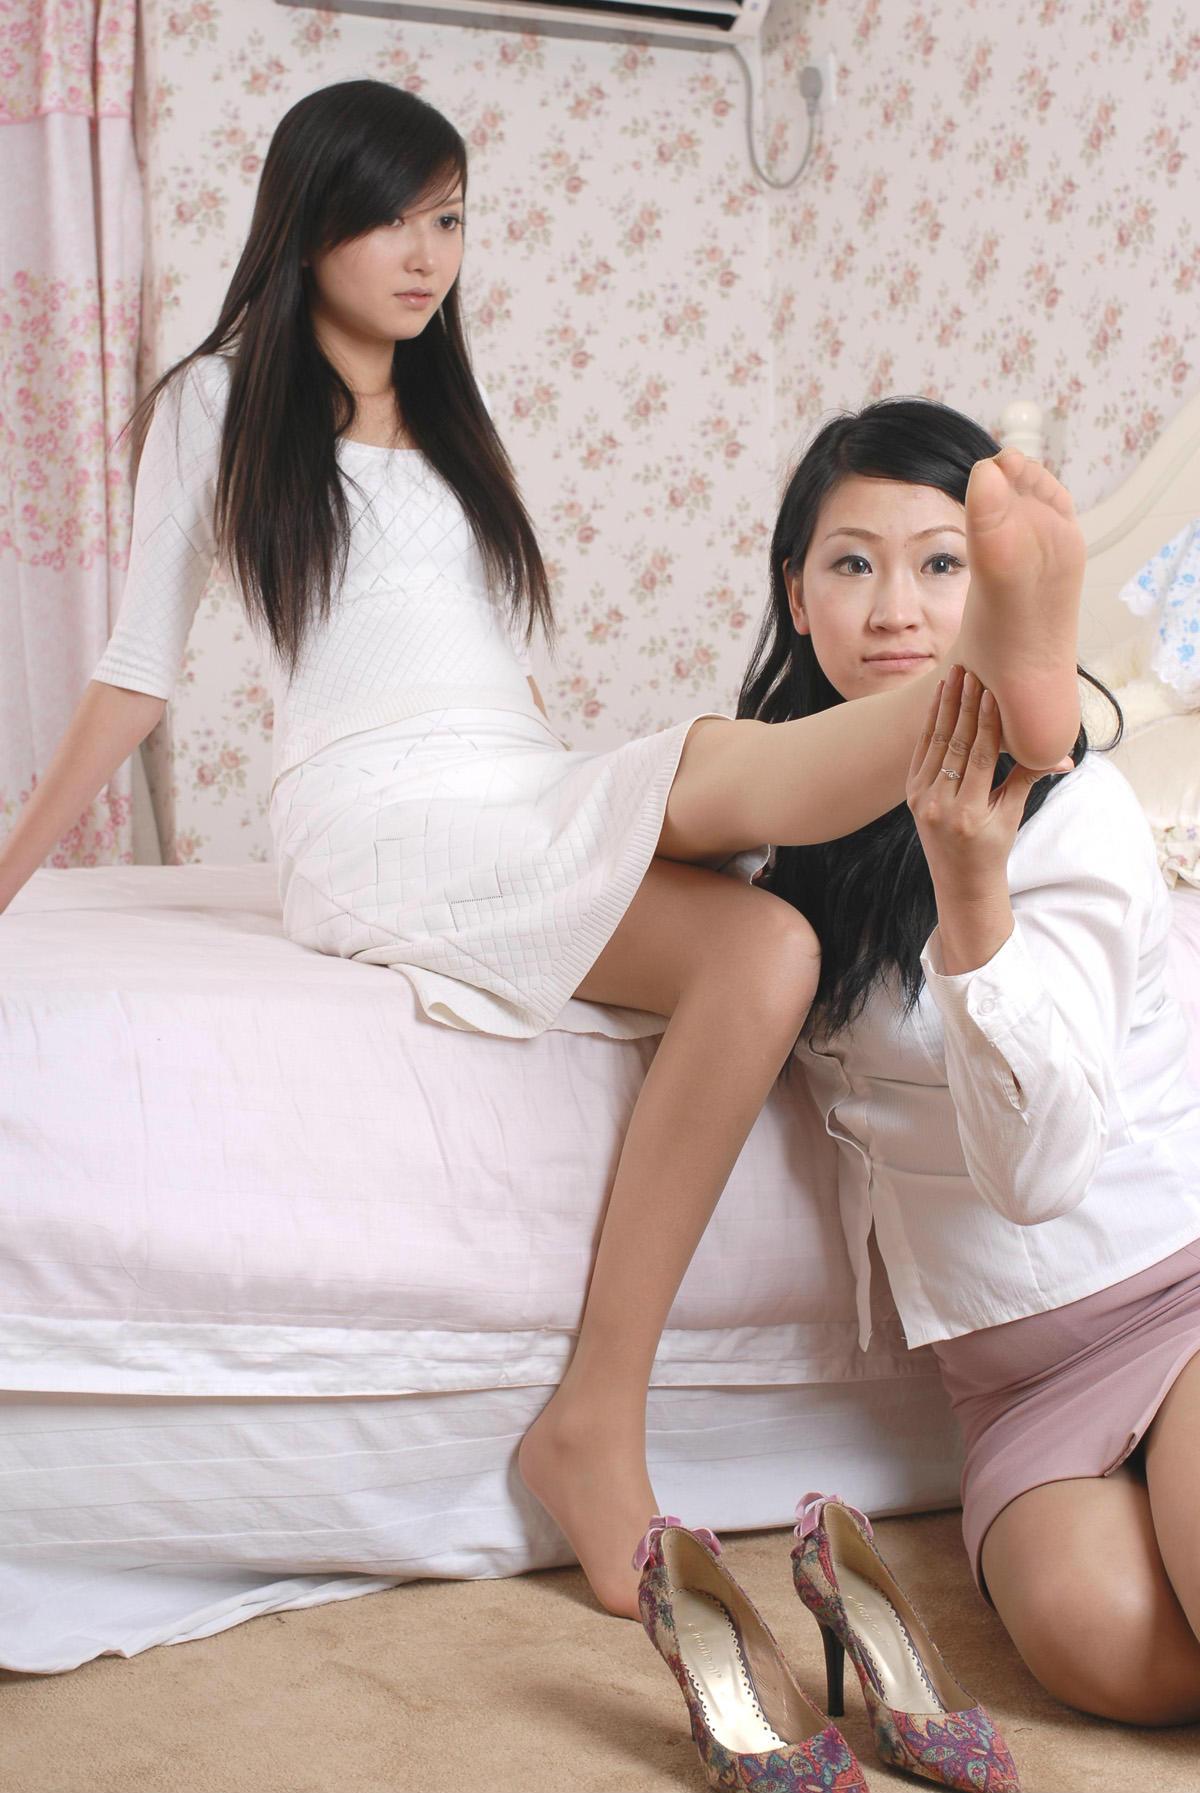 四条丝腿超级震撼 我很爱美女